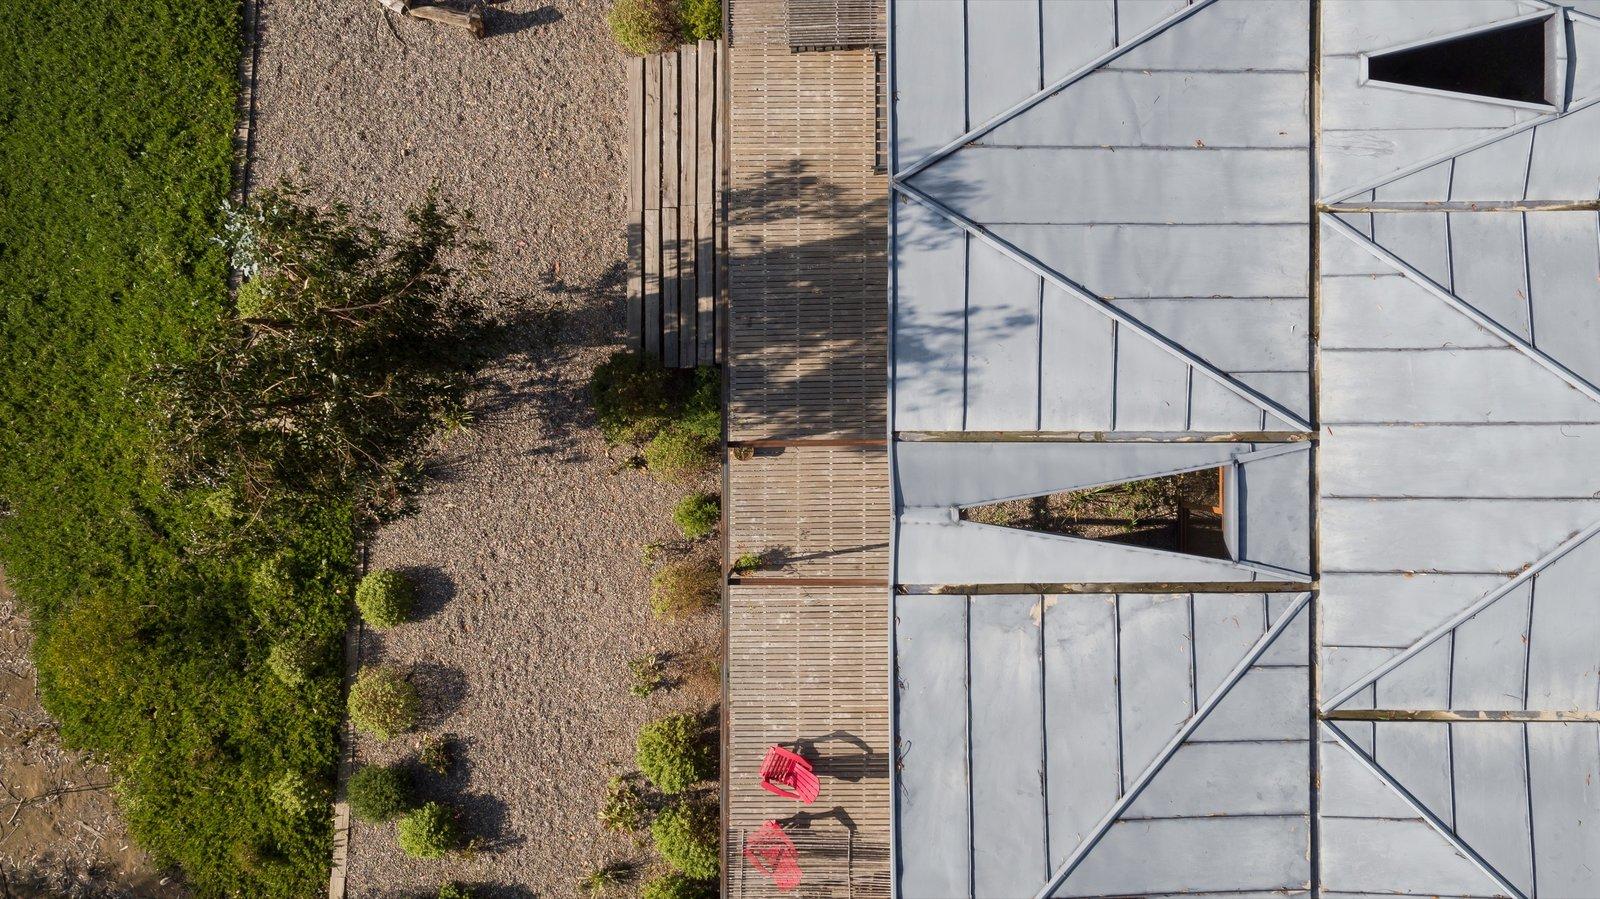 Casa Origami by Mas Fernandez Arquitectos